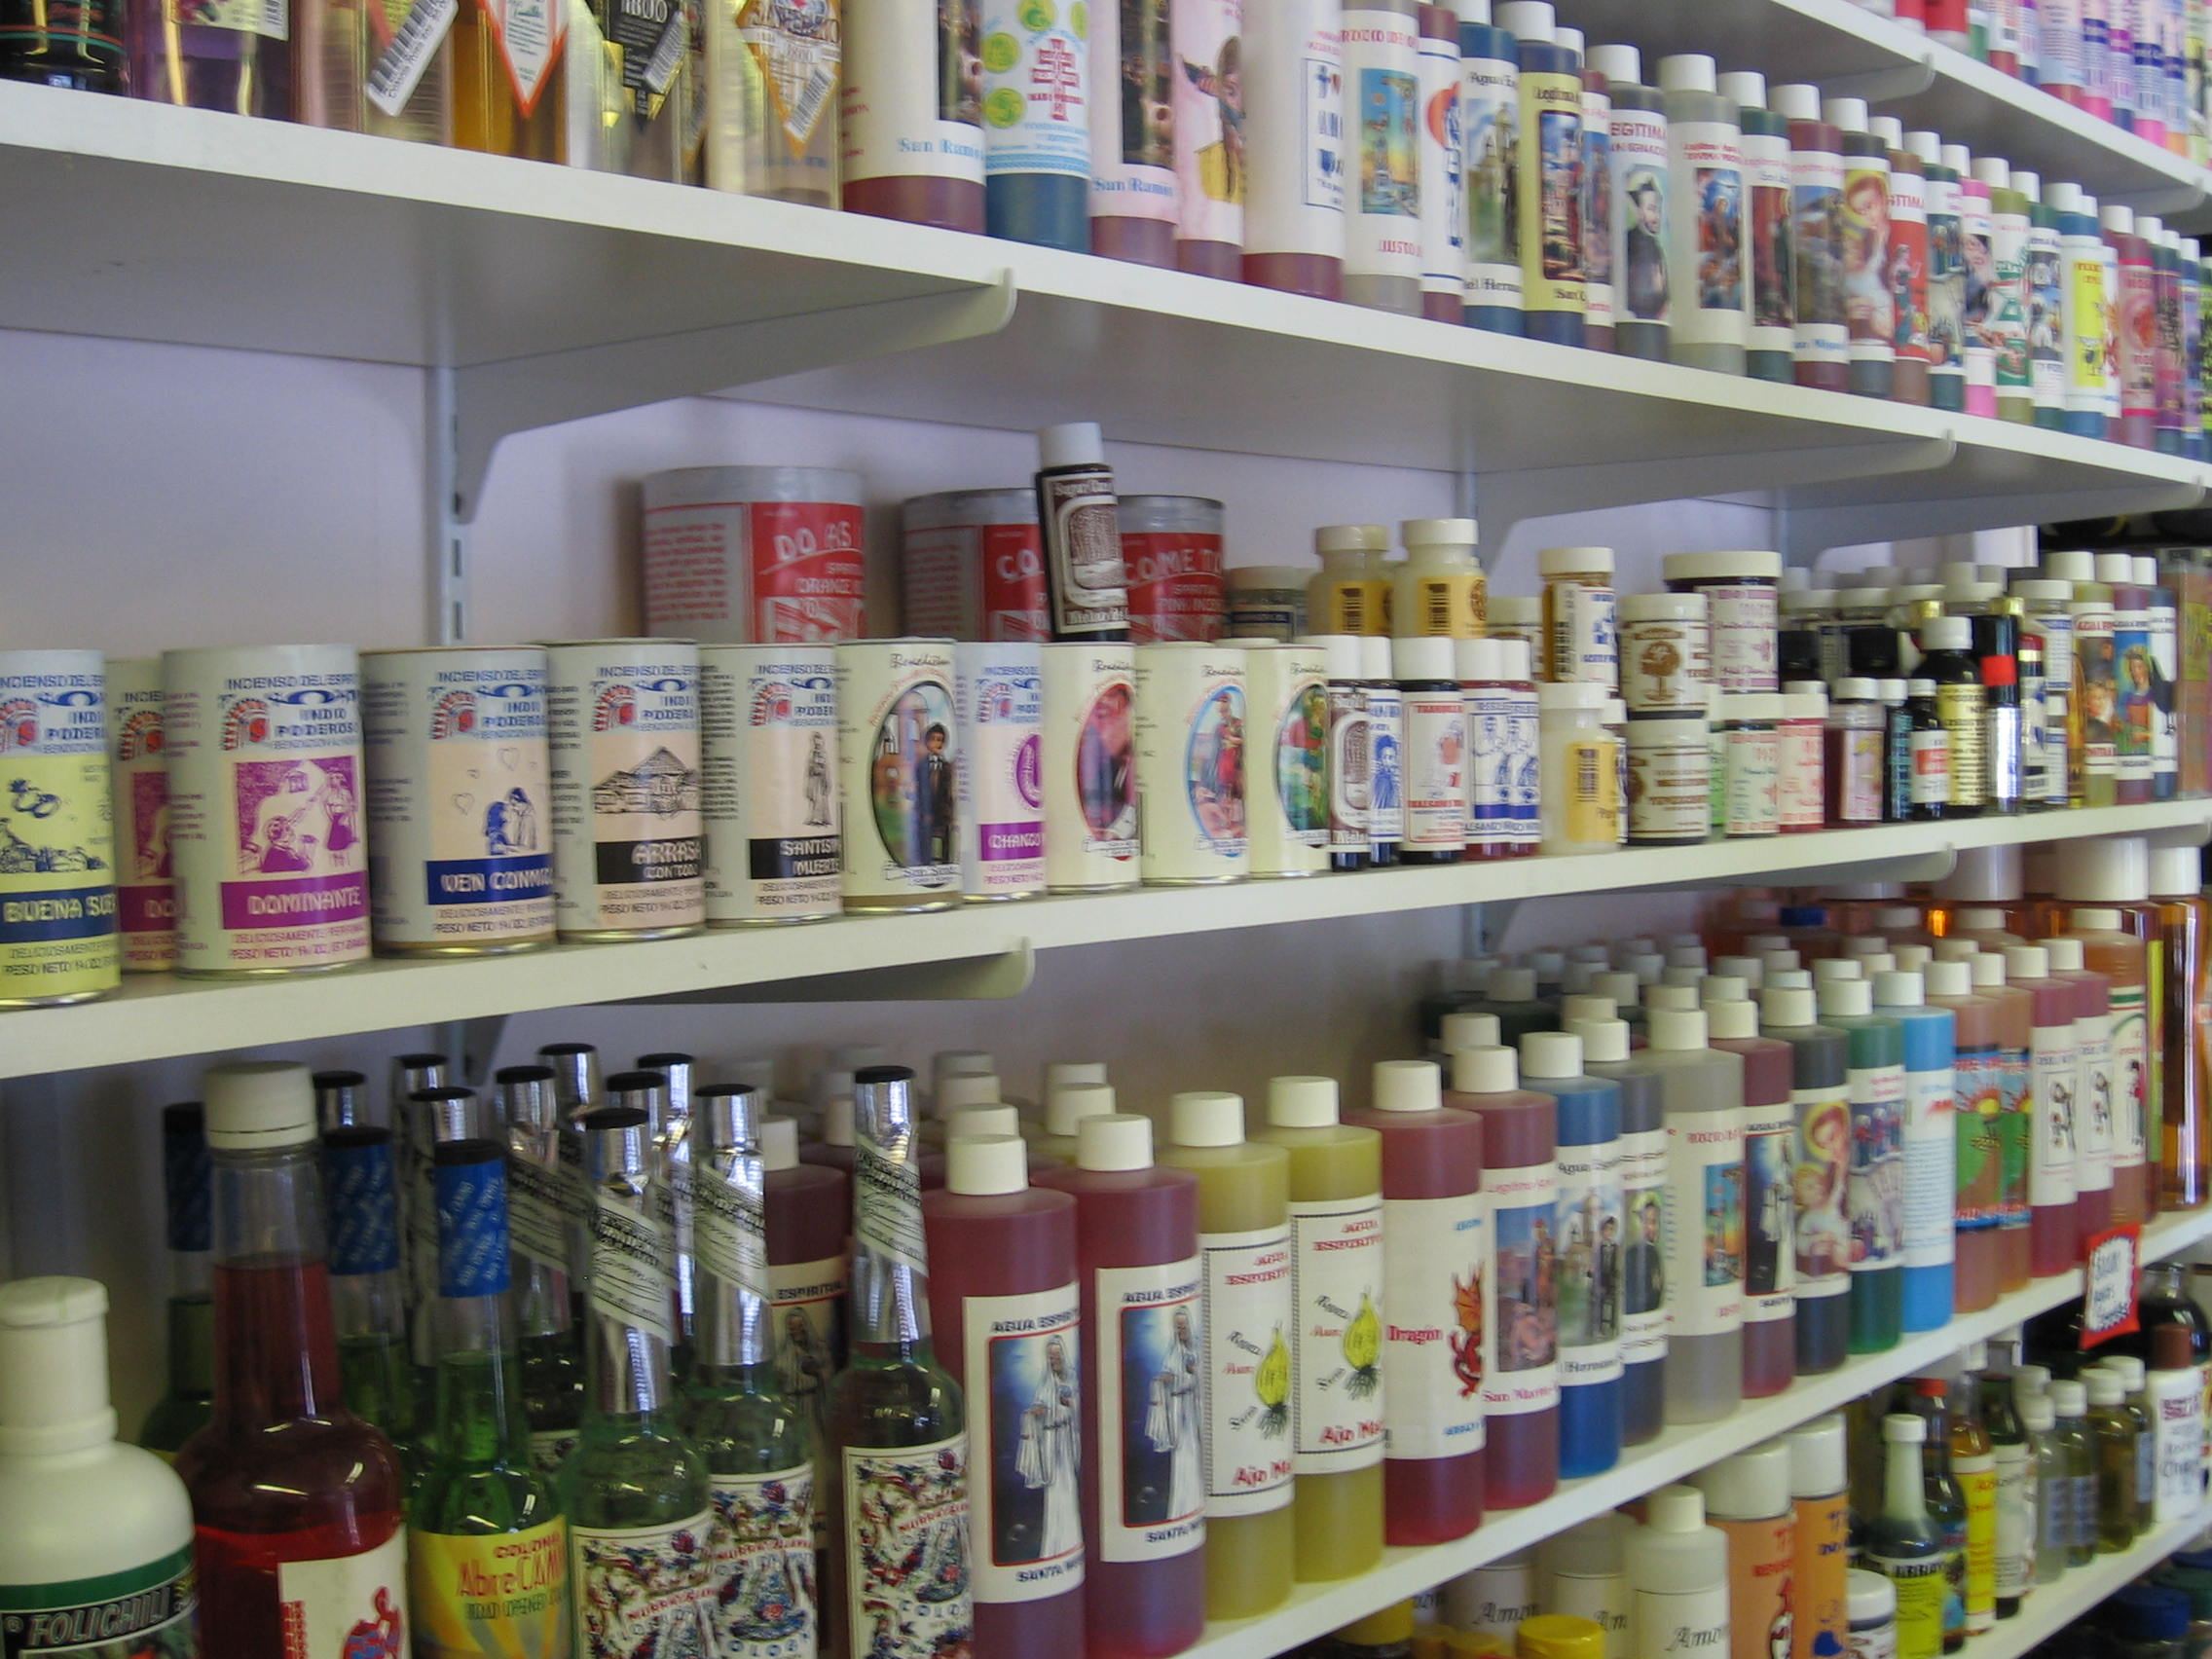 Botanica Brillante: Santeria Palo Ifa Supplies